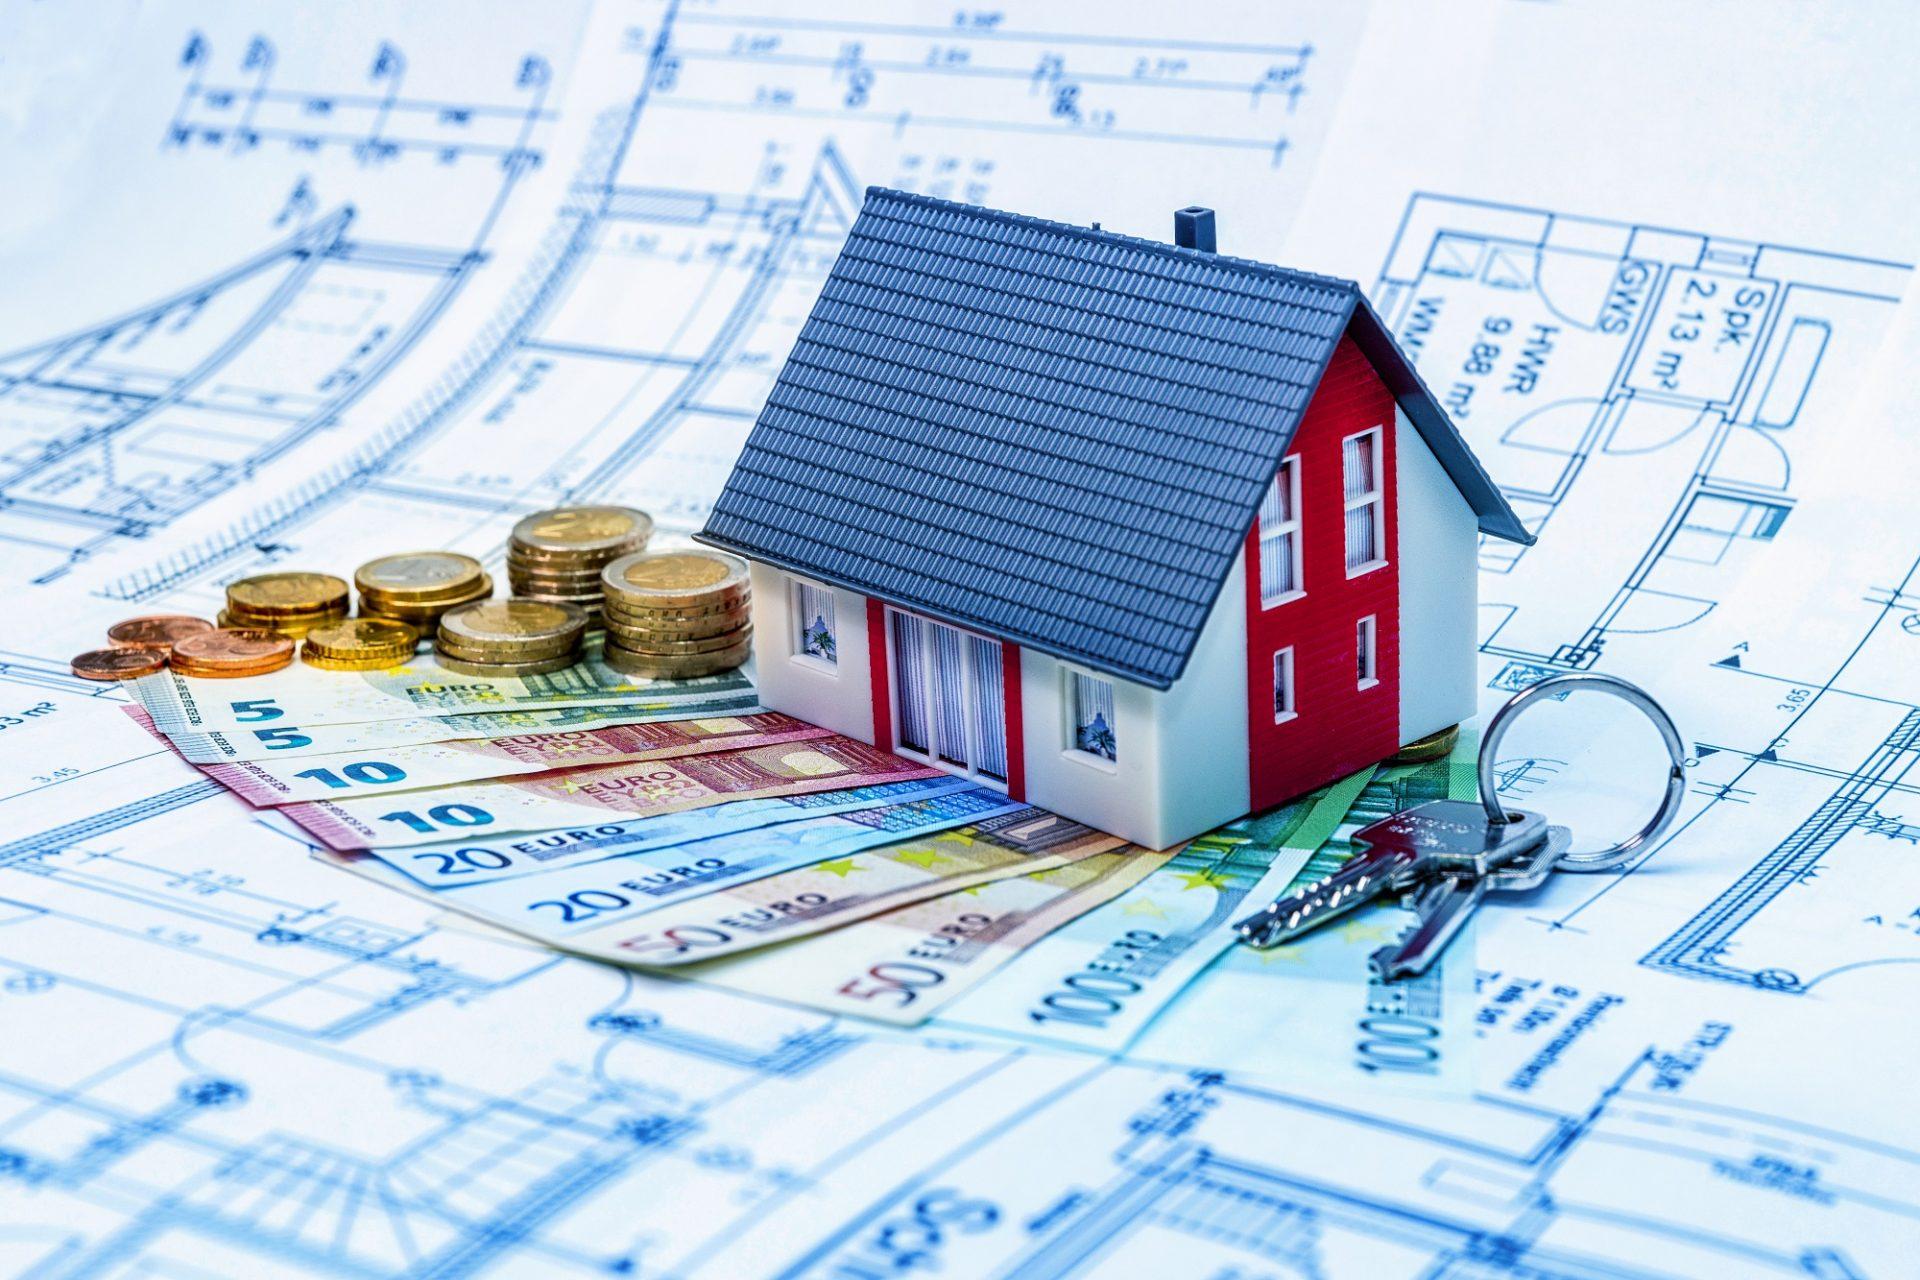 Dotácie na stavbu rodinného domu v roku 2021